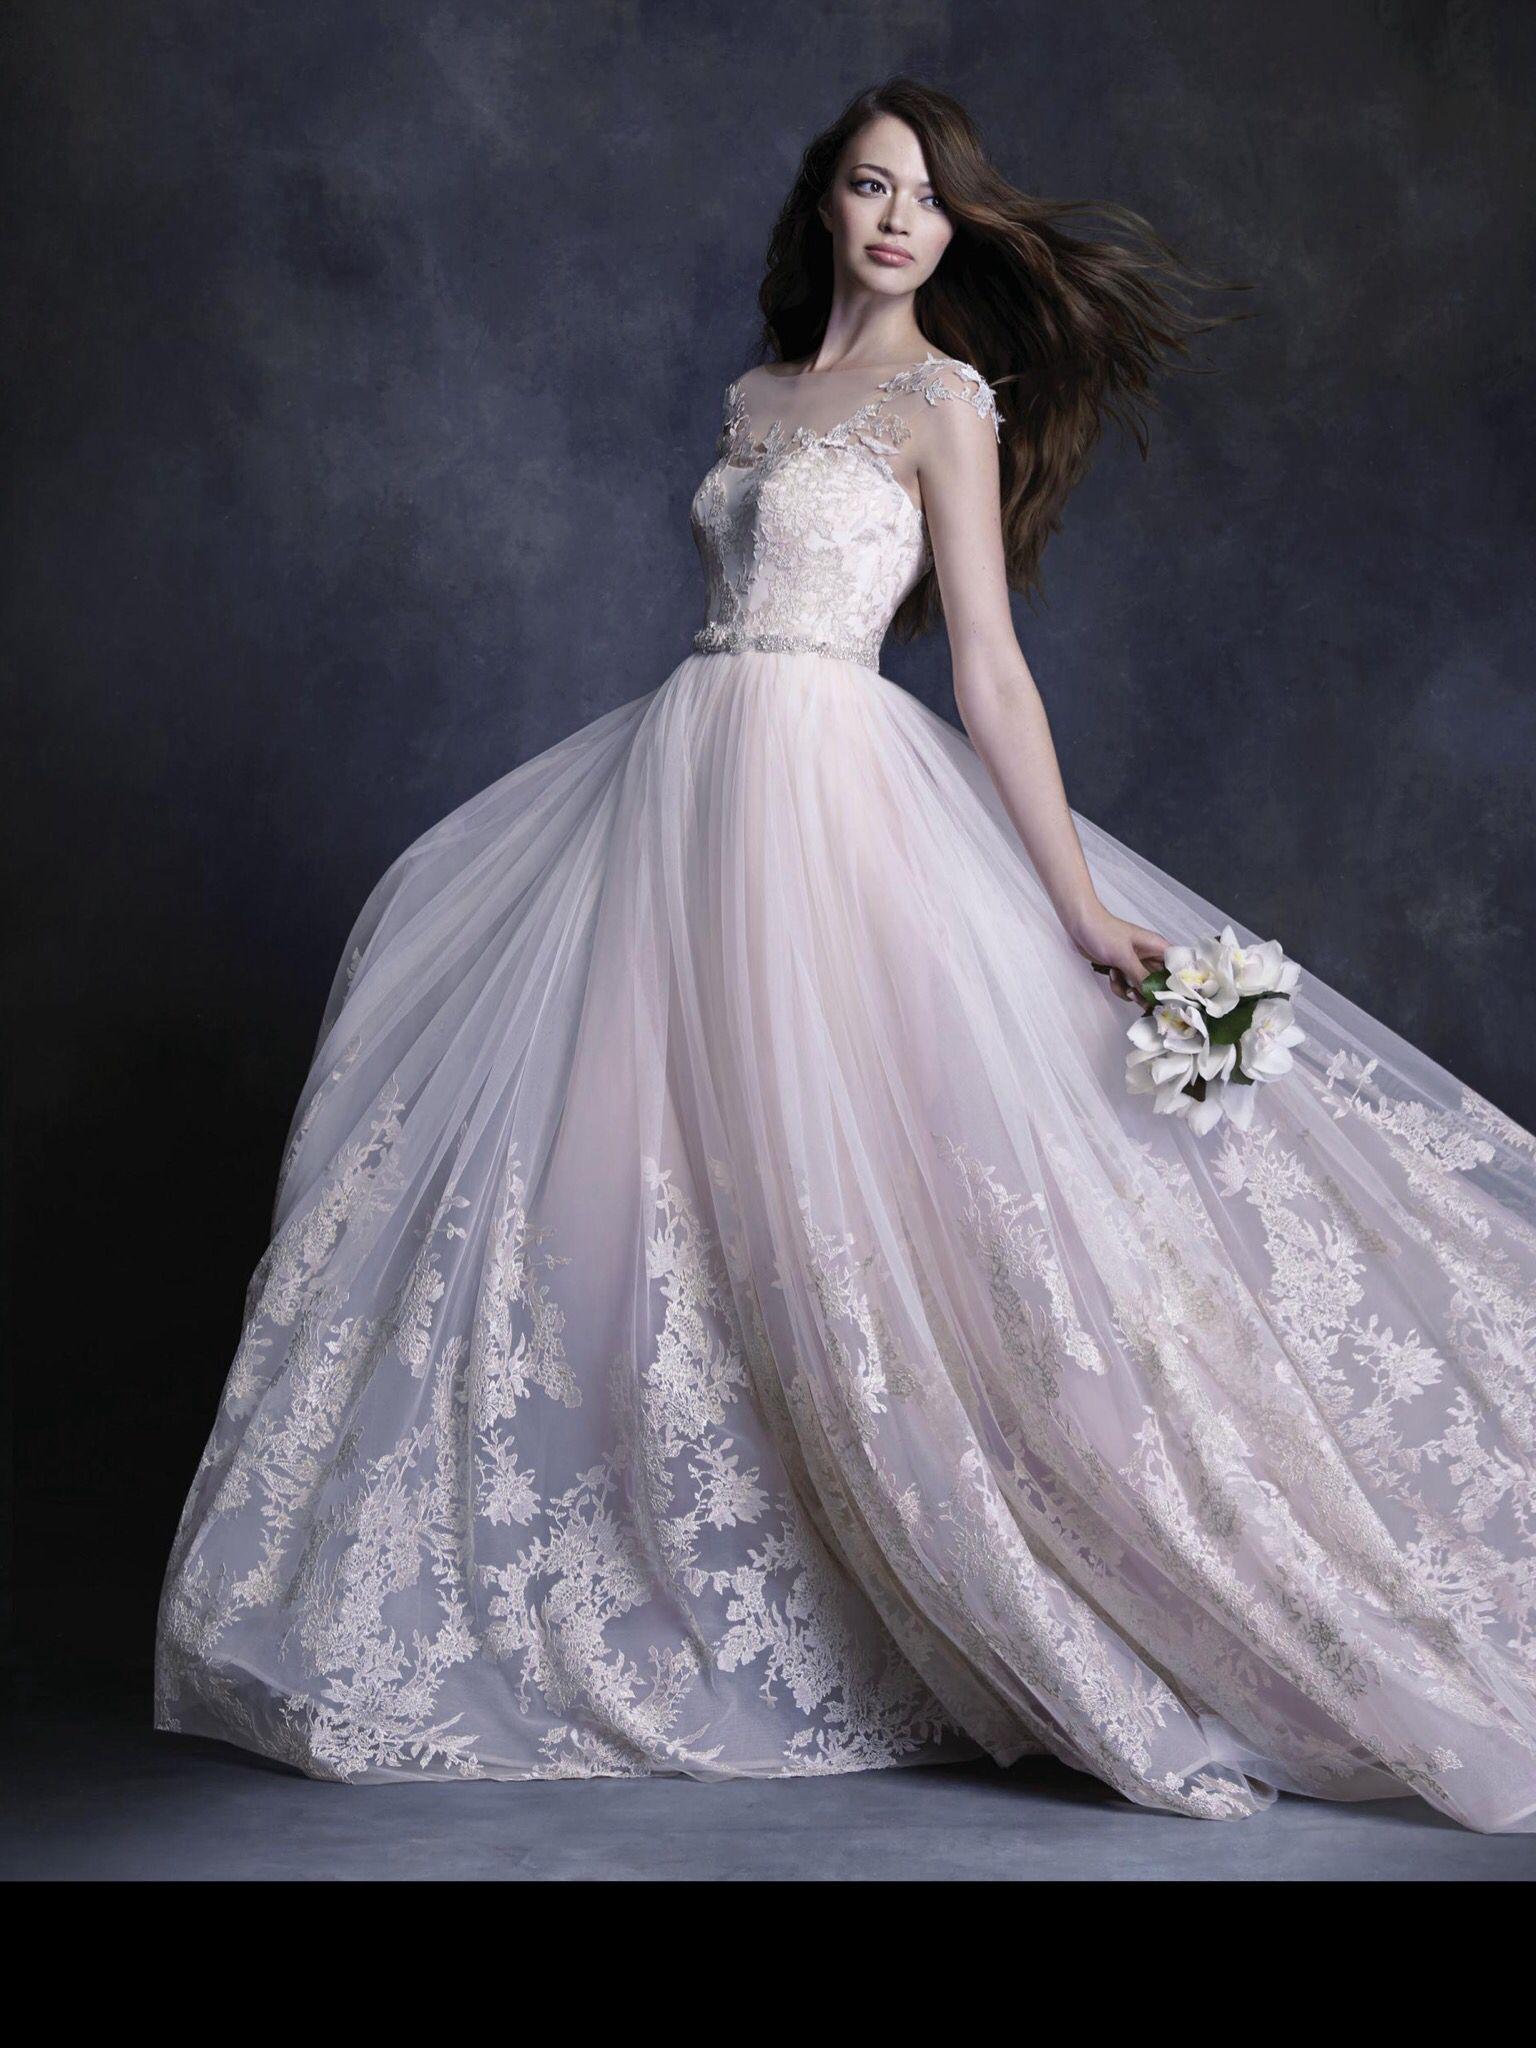 1940s style wedding dresses  keveza  Что надеть  Pinterest  Gowns and Wedding